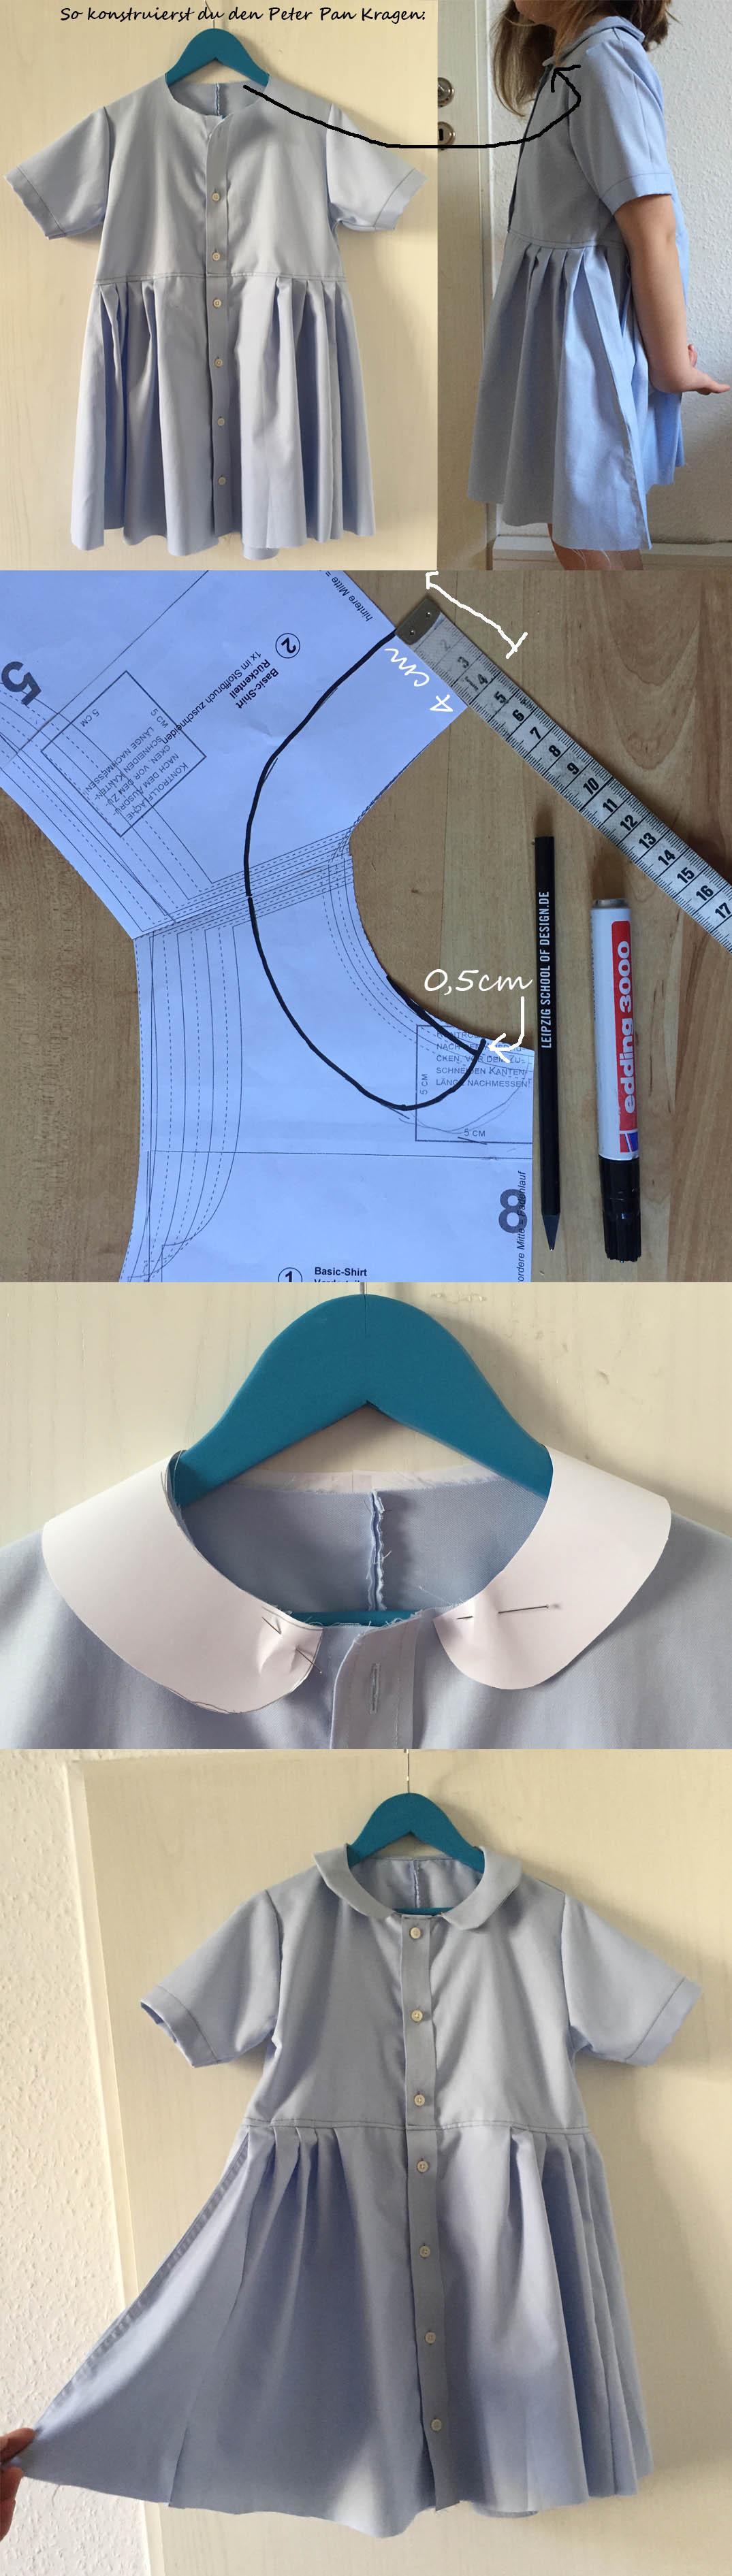 einen Kragen für ein Kinderkleid konstruieren, ein einfaches Kinderkleid ohne Schnittmuster nähen